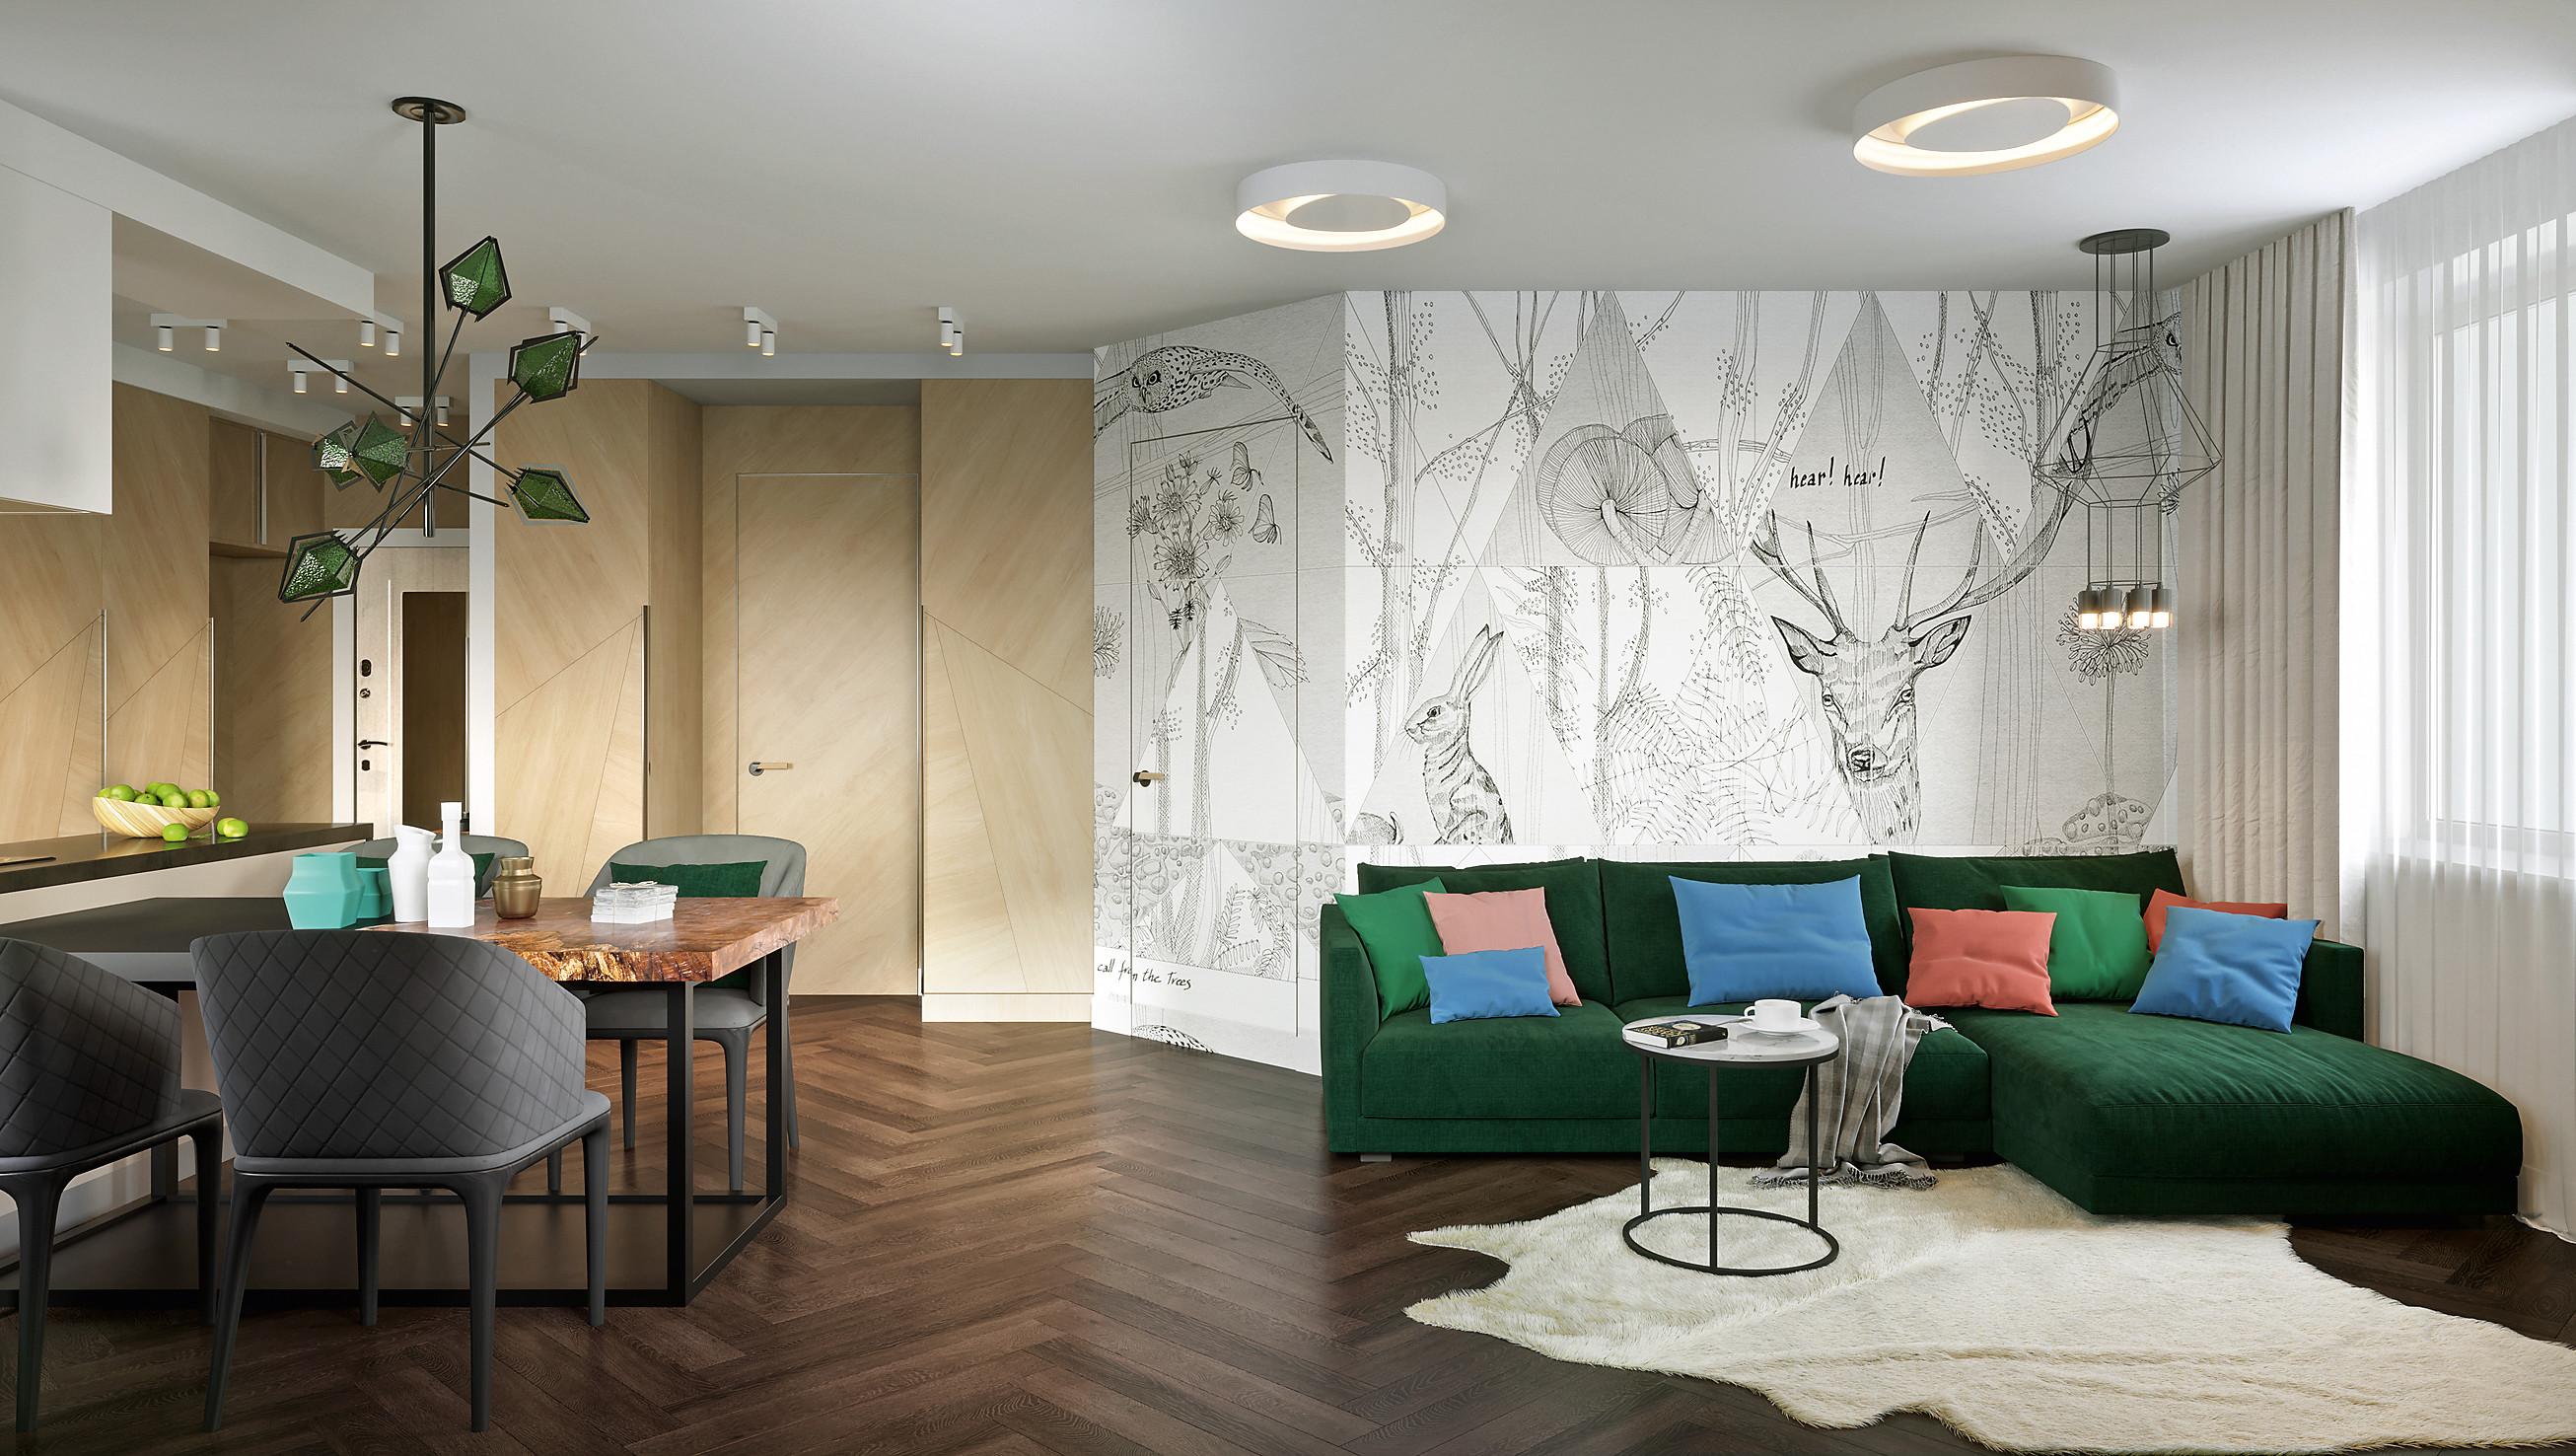 Стильная квартира для двоих с европейским вариантом зонирования